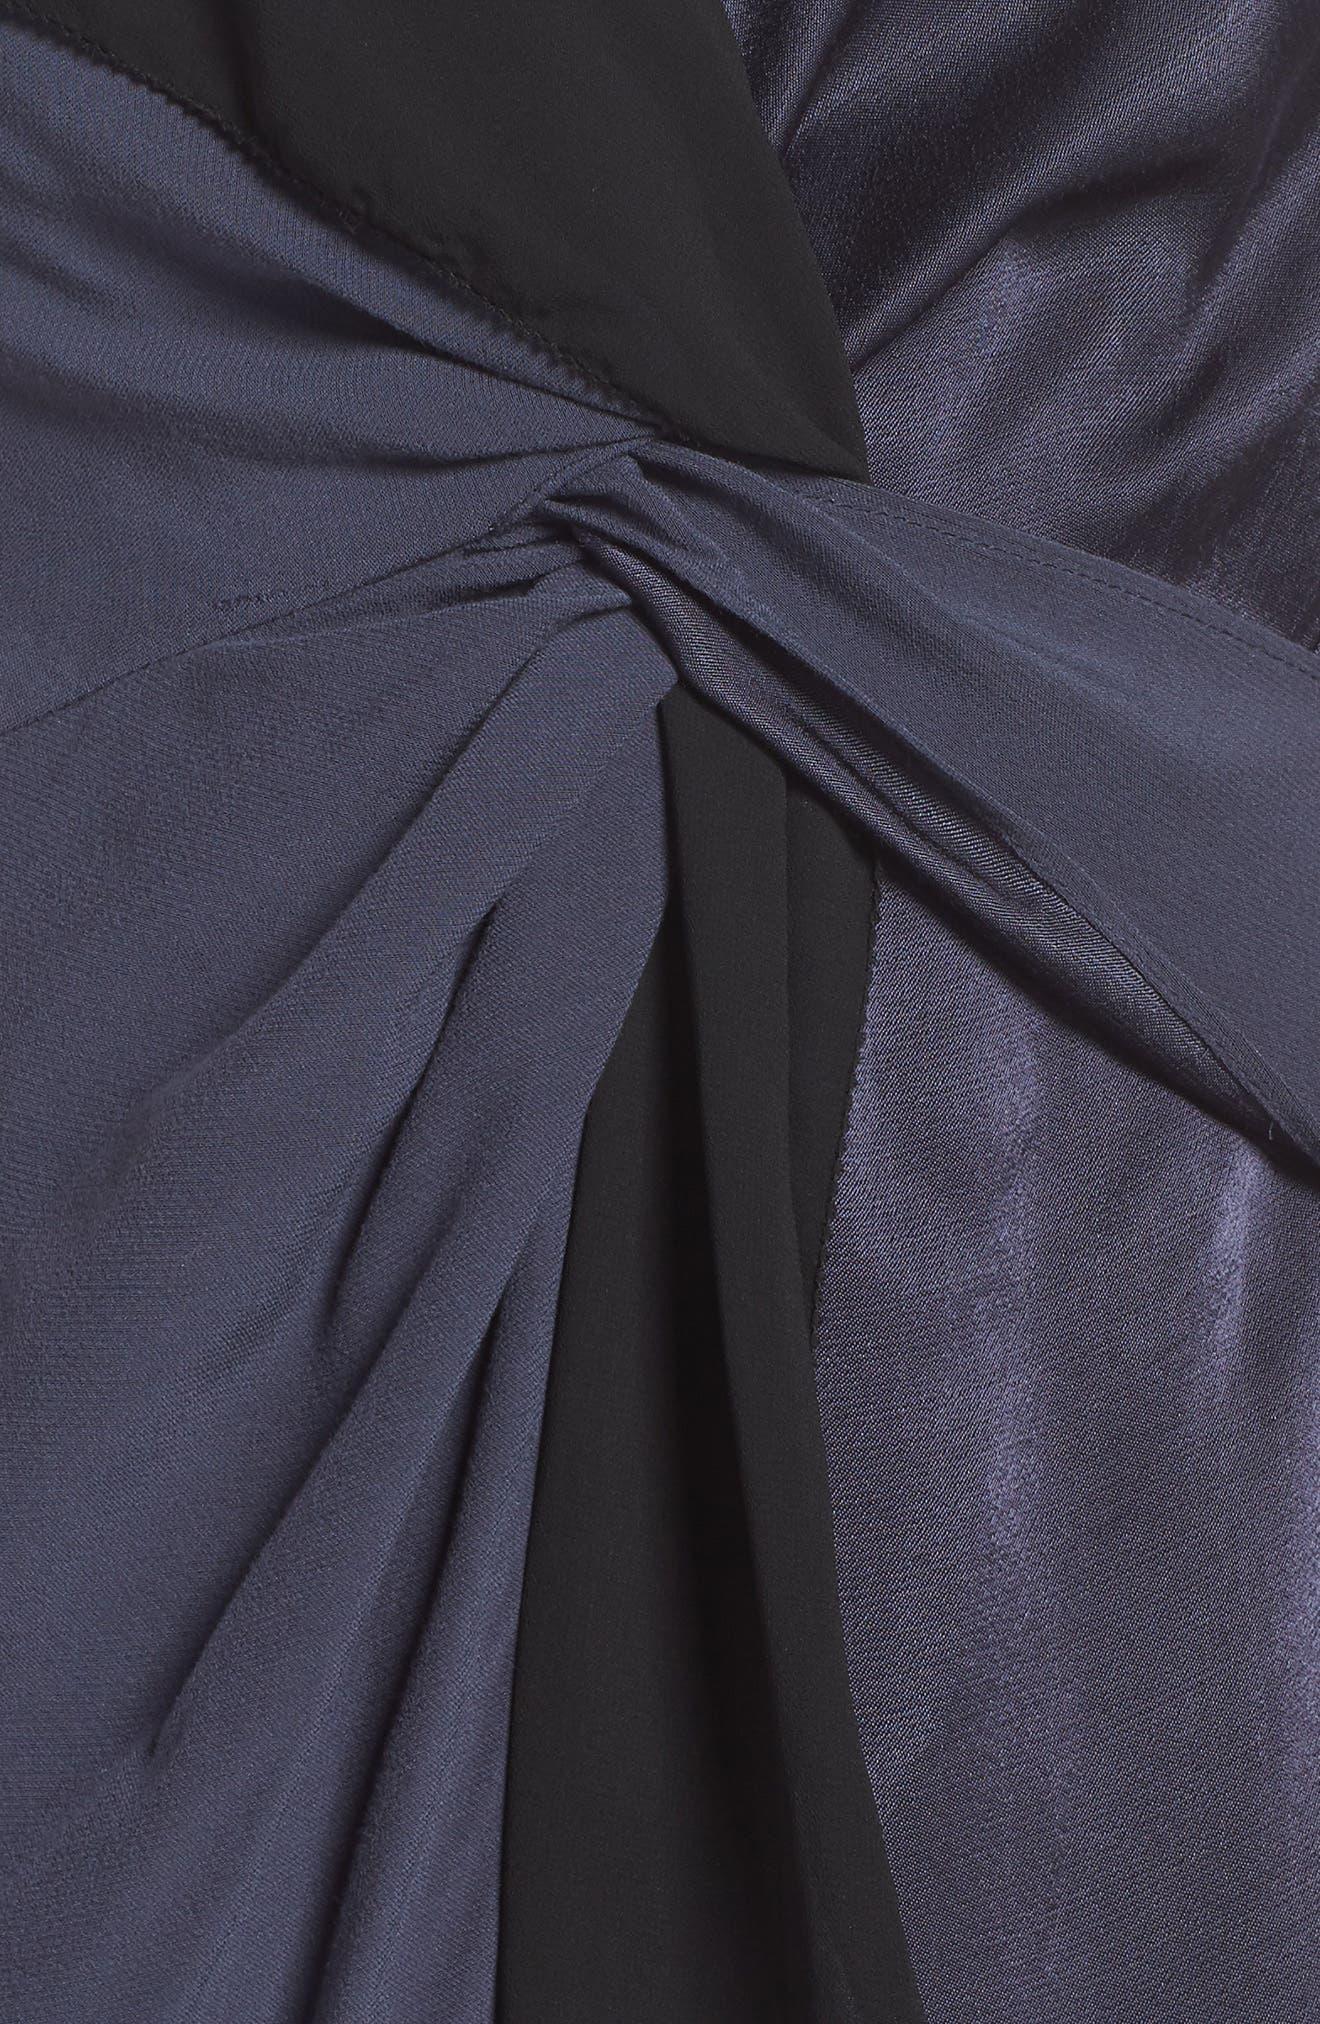 Twist Front Cocktail Dress,                             Alternate thumbnail 6, color,                             009